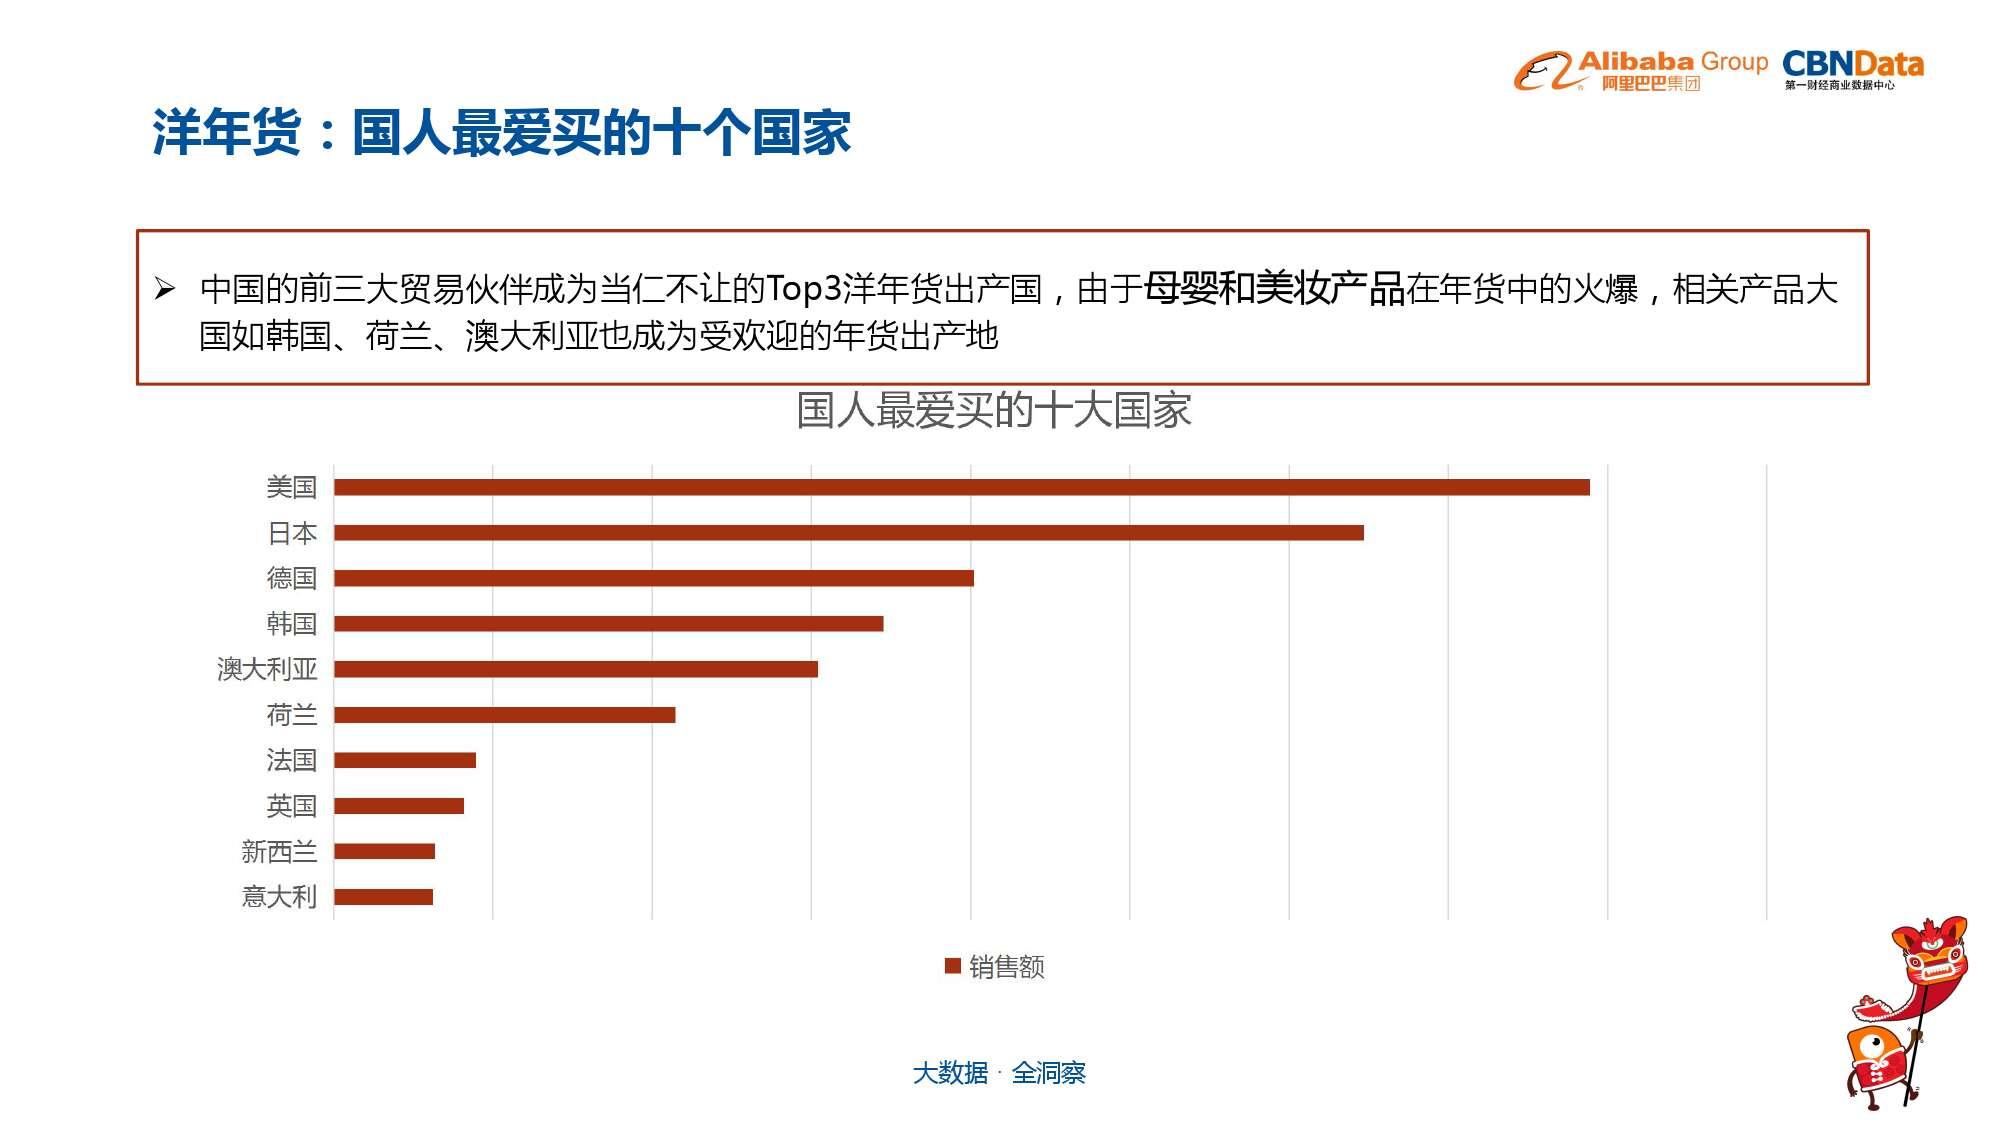 中国年货大数据报告_000027